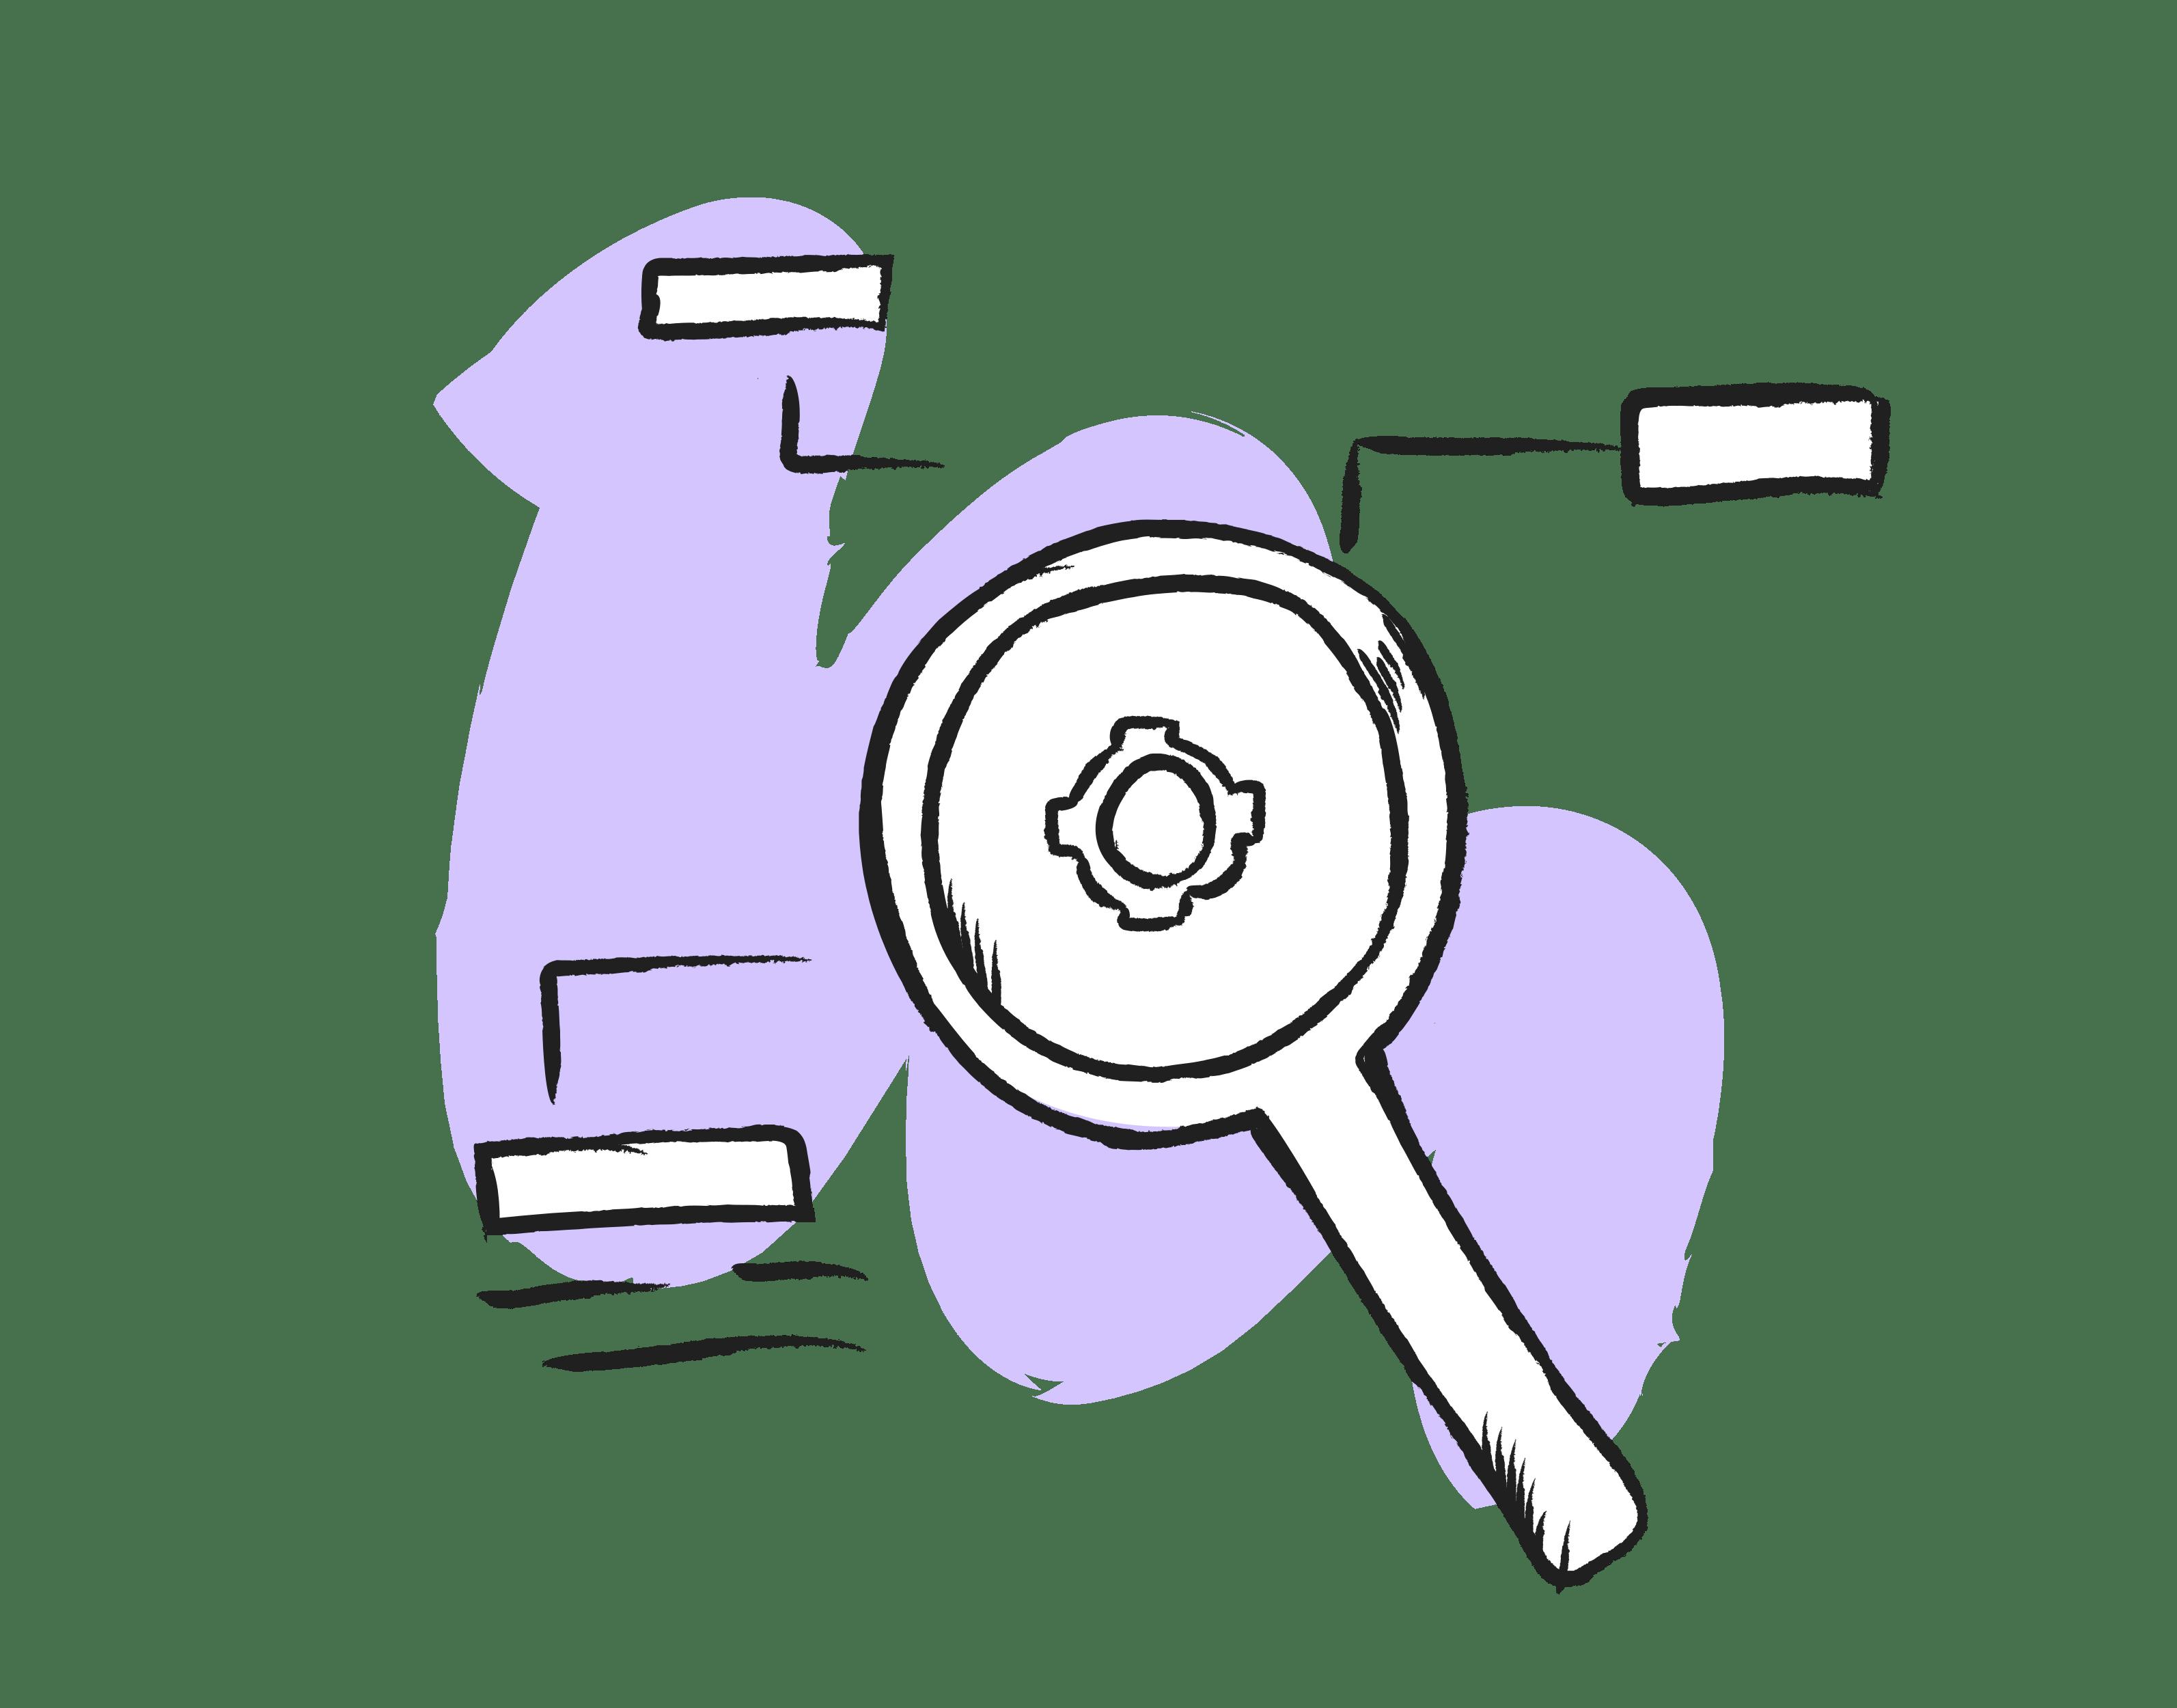 pixeltrue-icons-seo-optimize-2